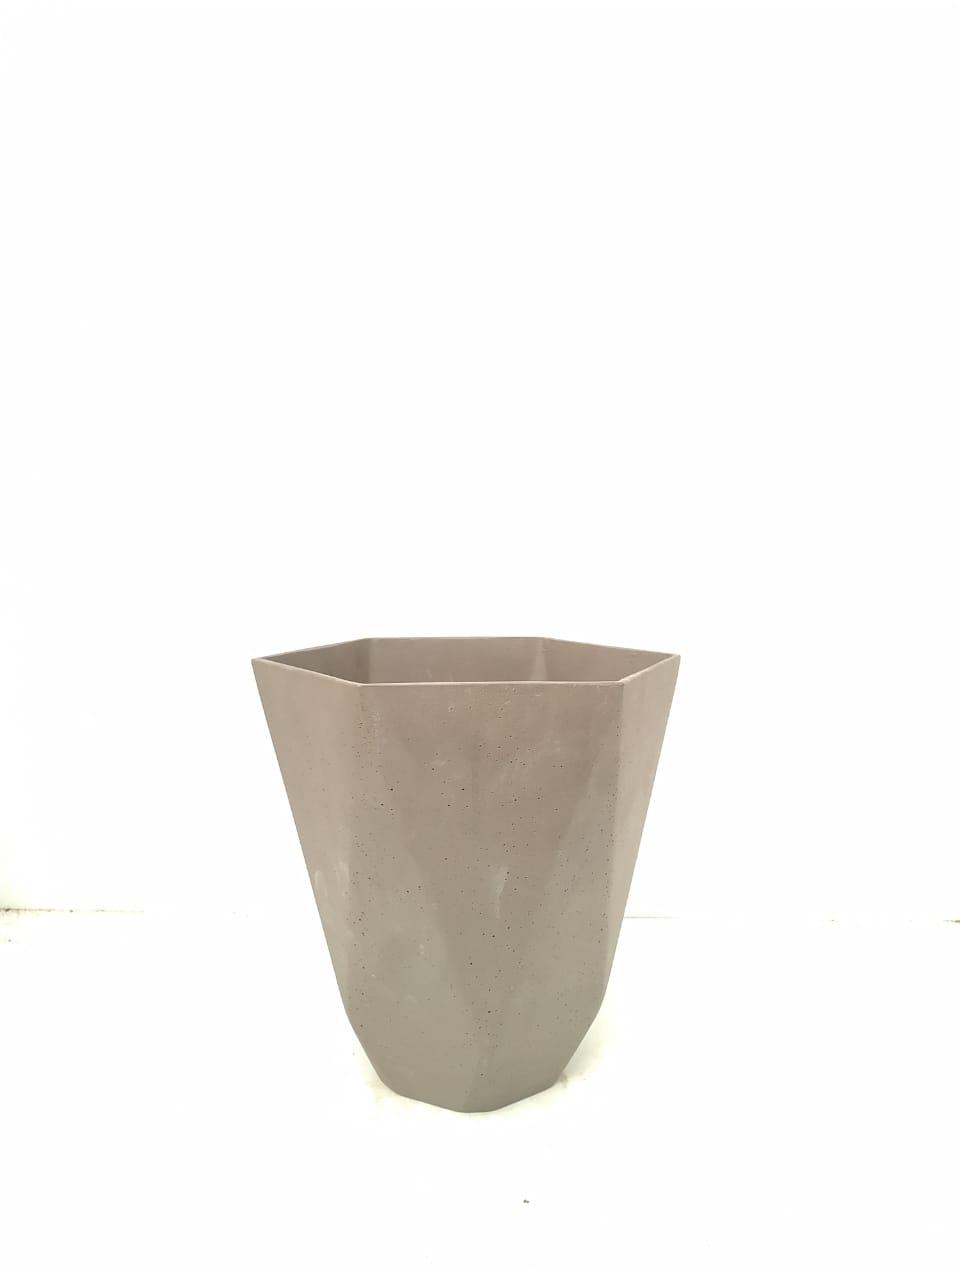 Sandstone Pot Hex Nat Brown Medium Pots & Vases